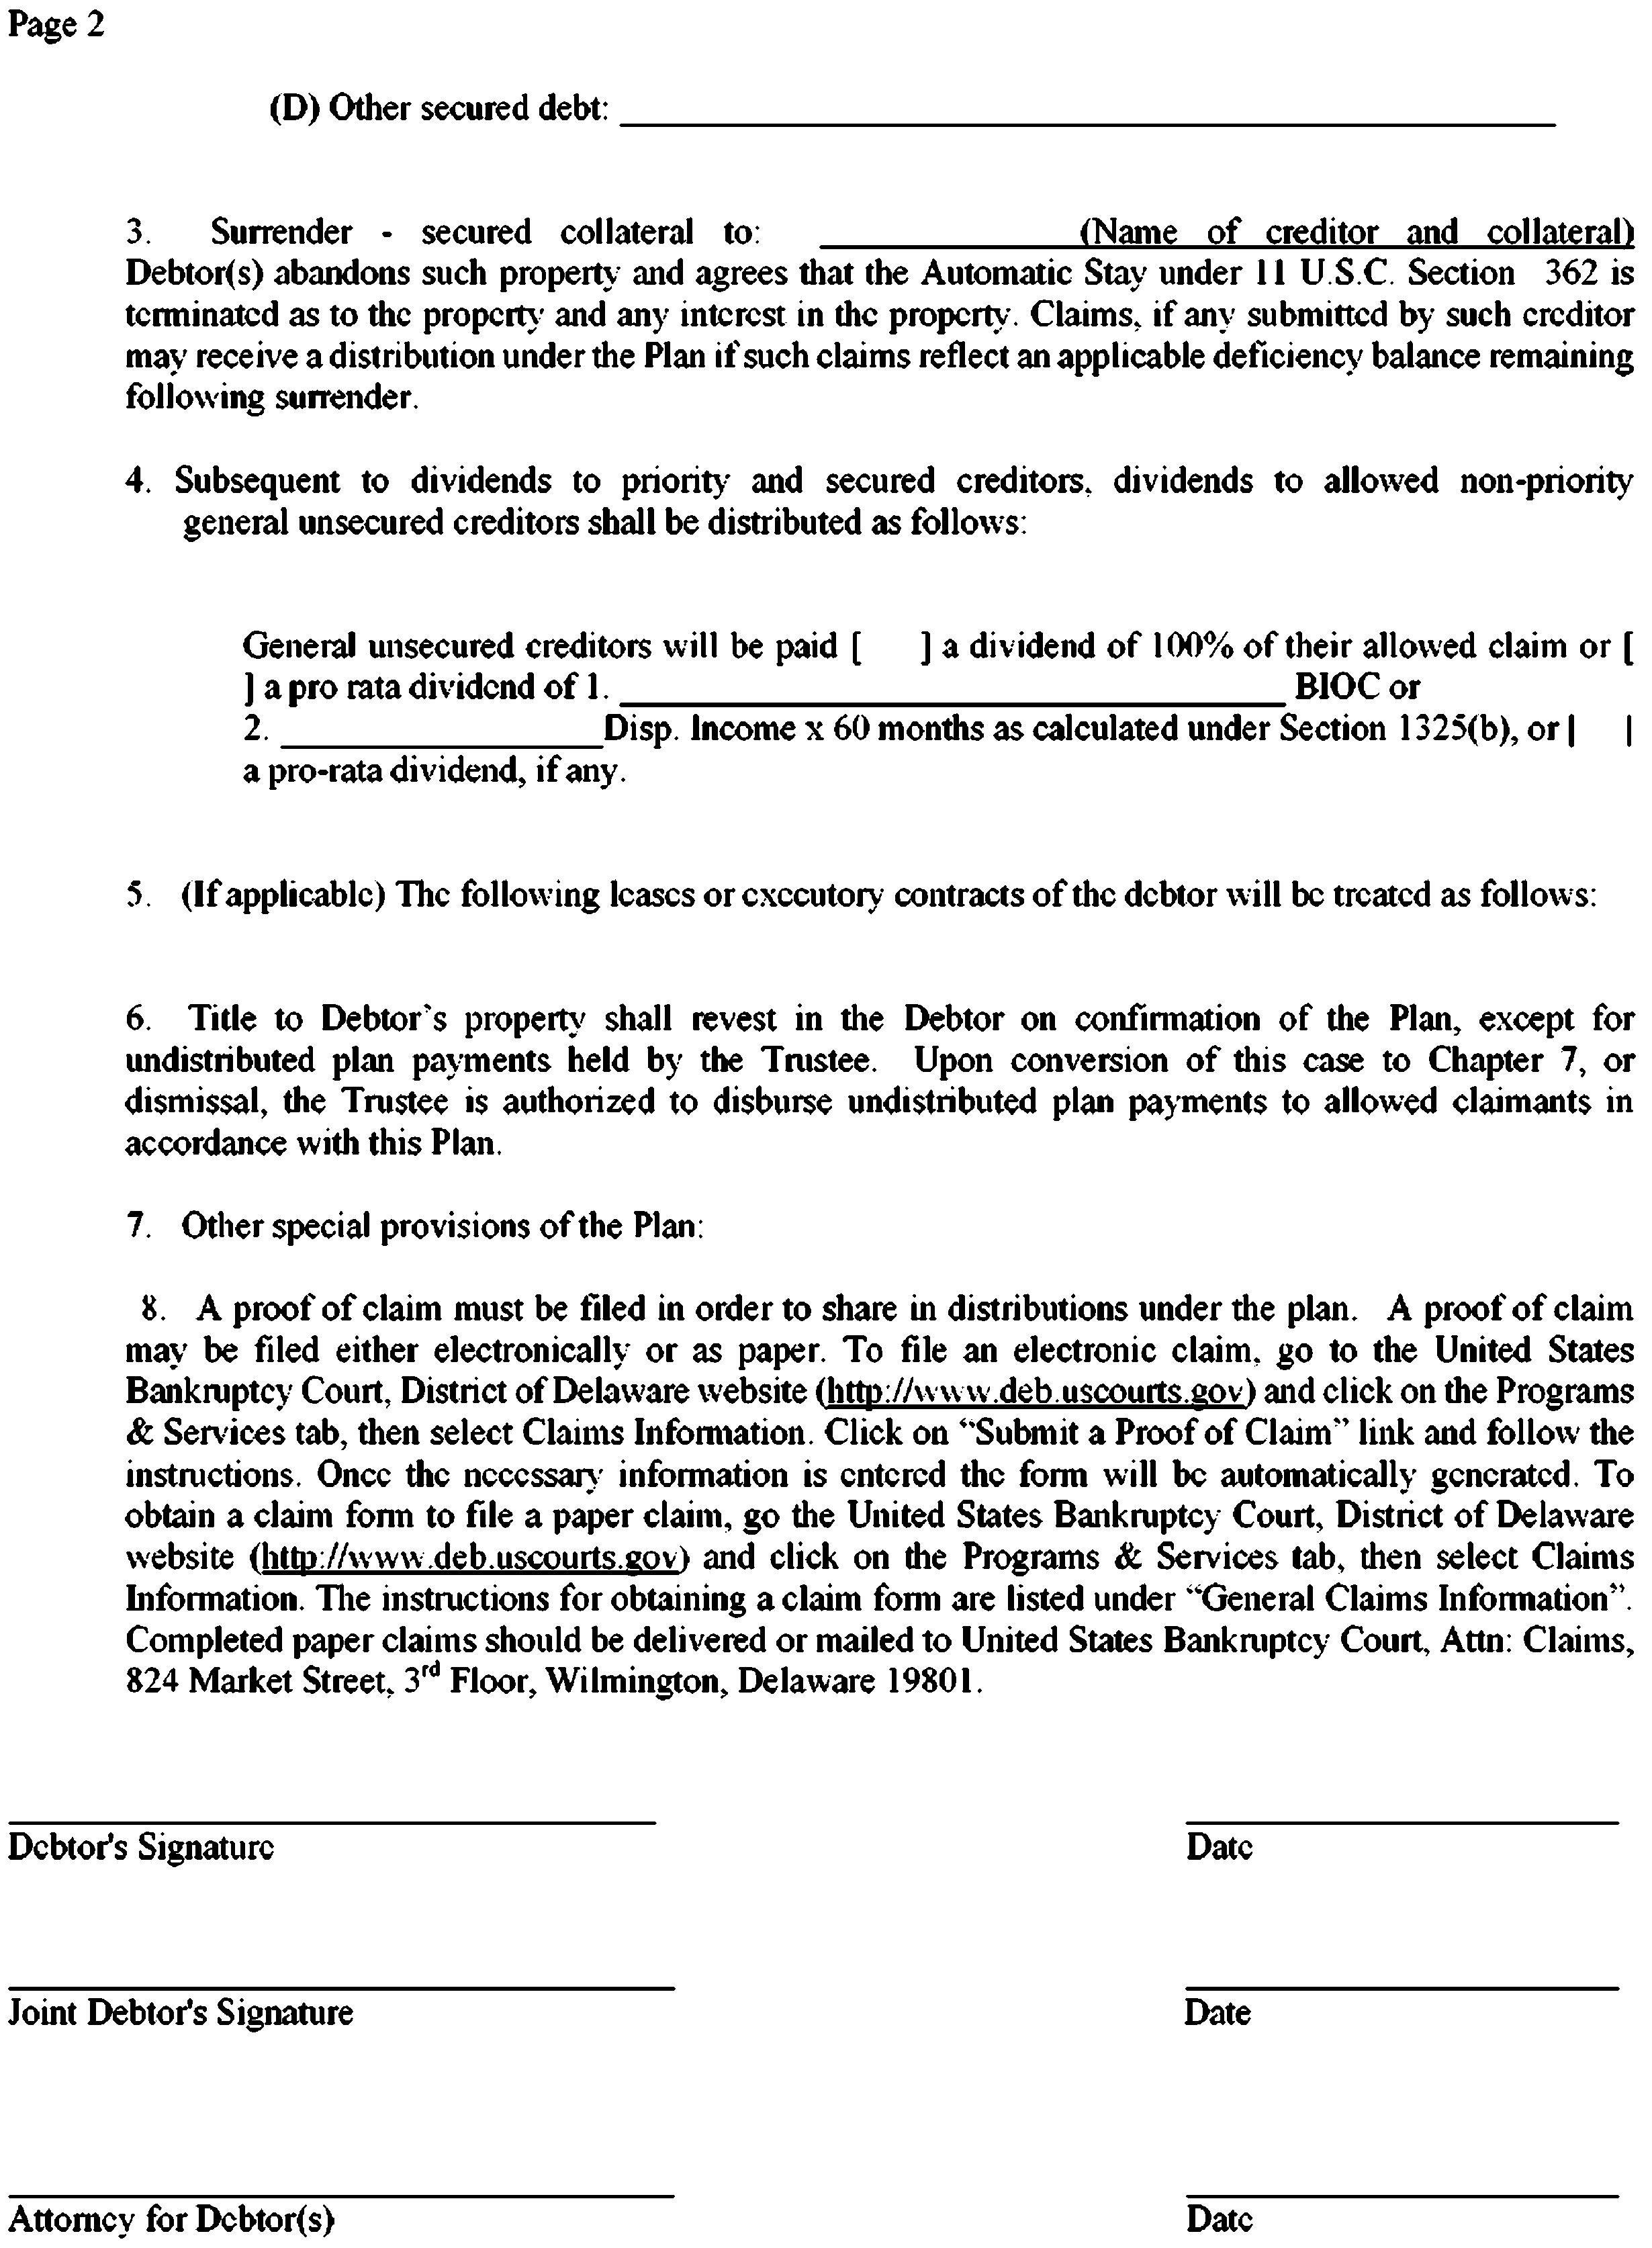 Delaware DE R USBCT Form 103 | FindLaw